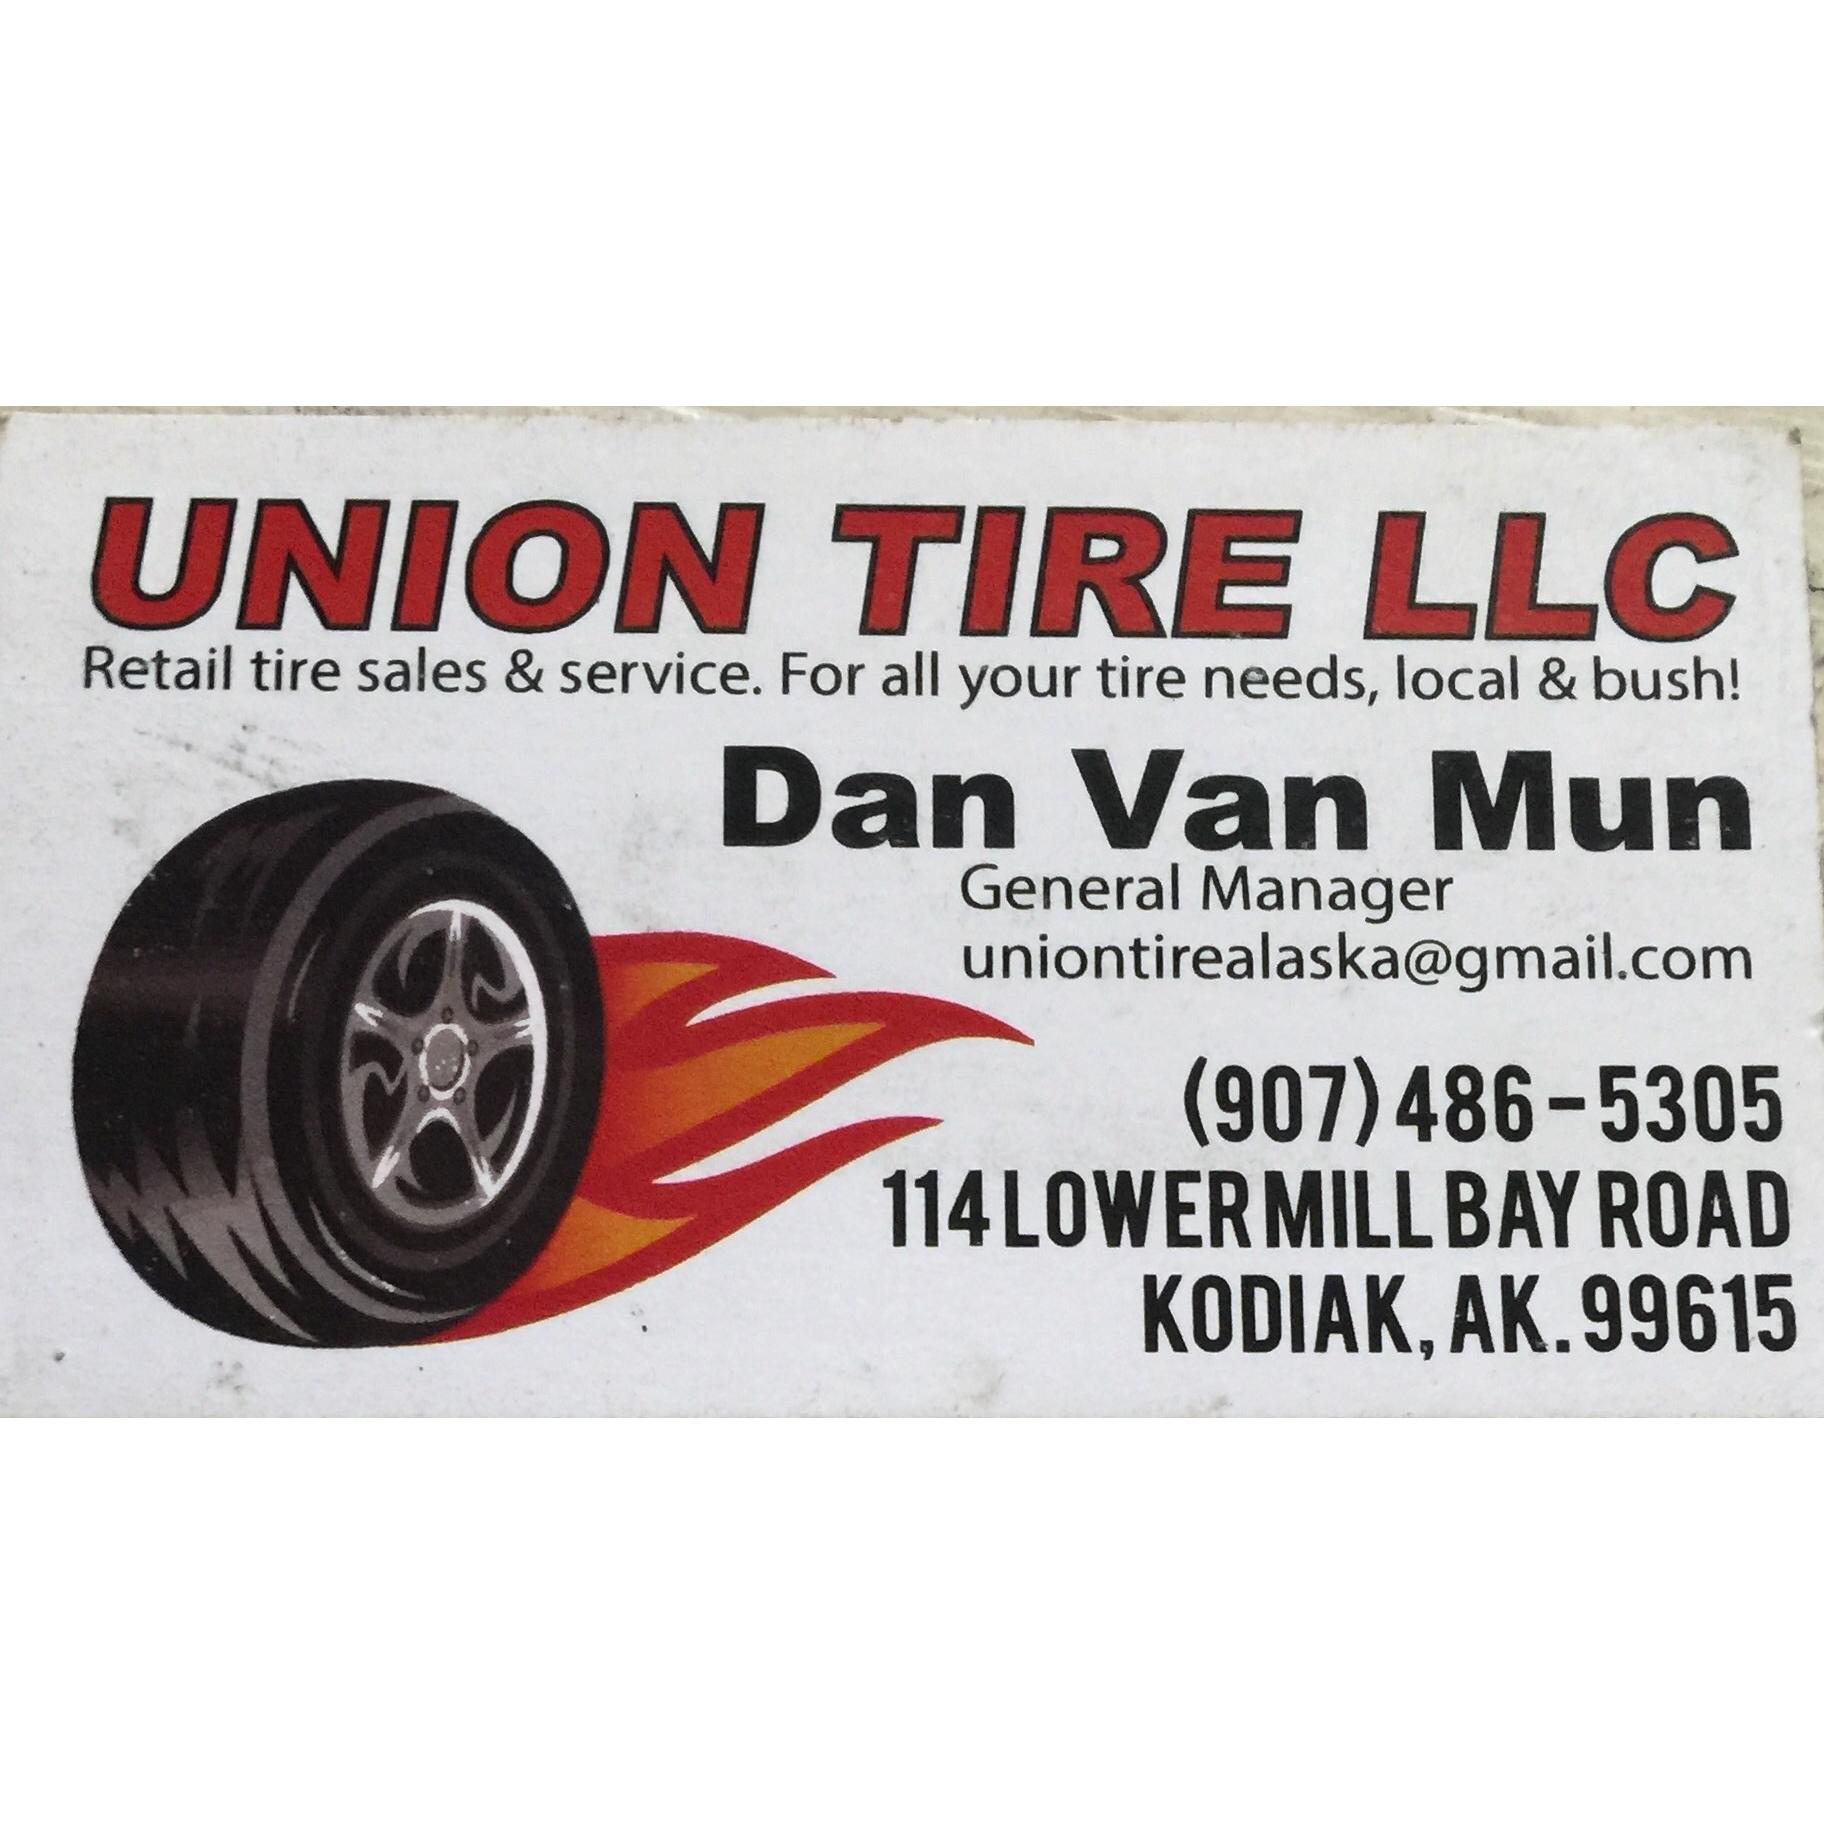 Union Tire LLC